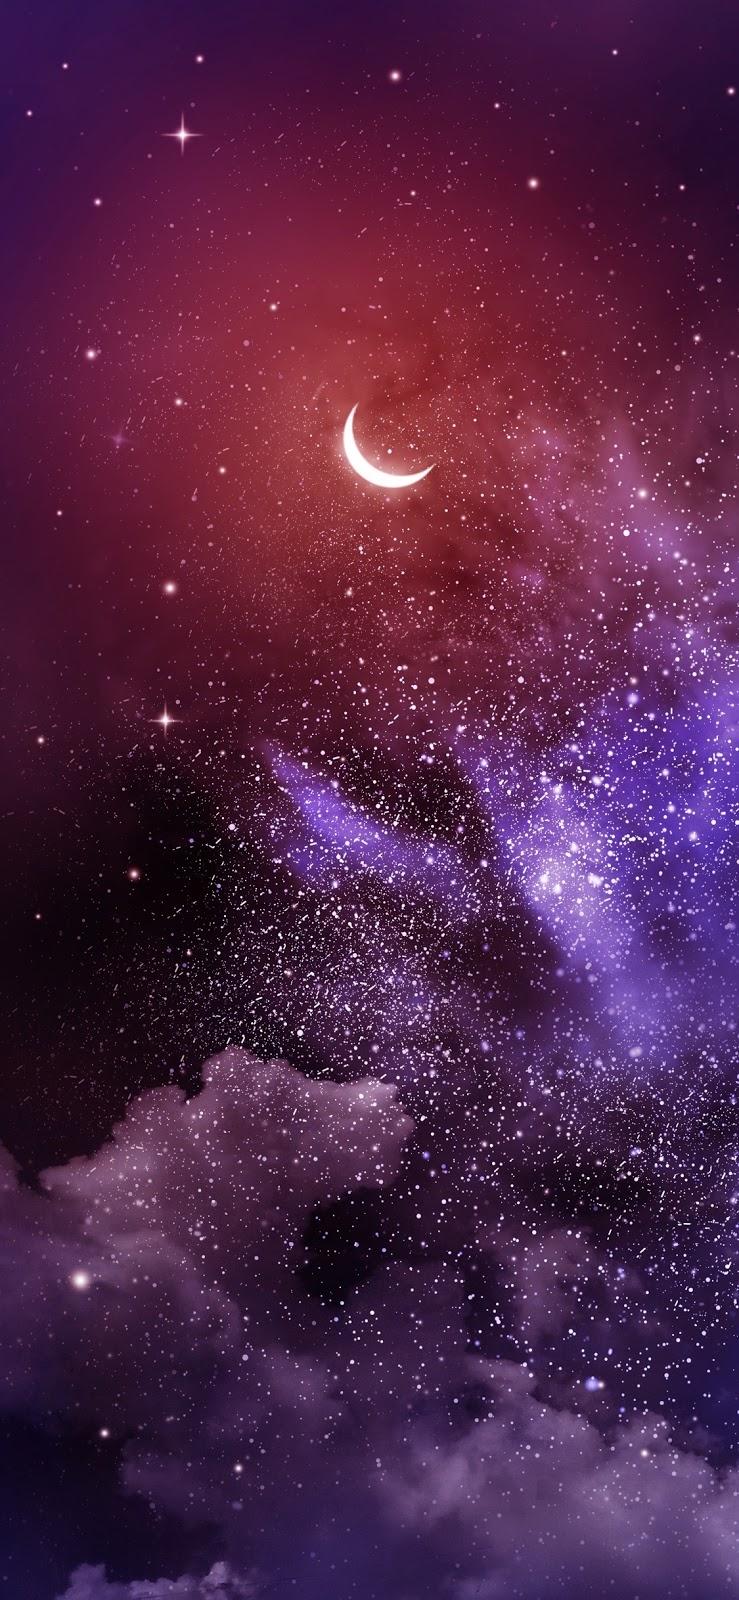 Bầu trời đêm lấp lánh